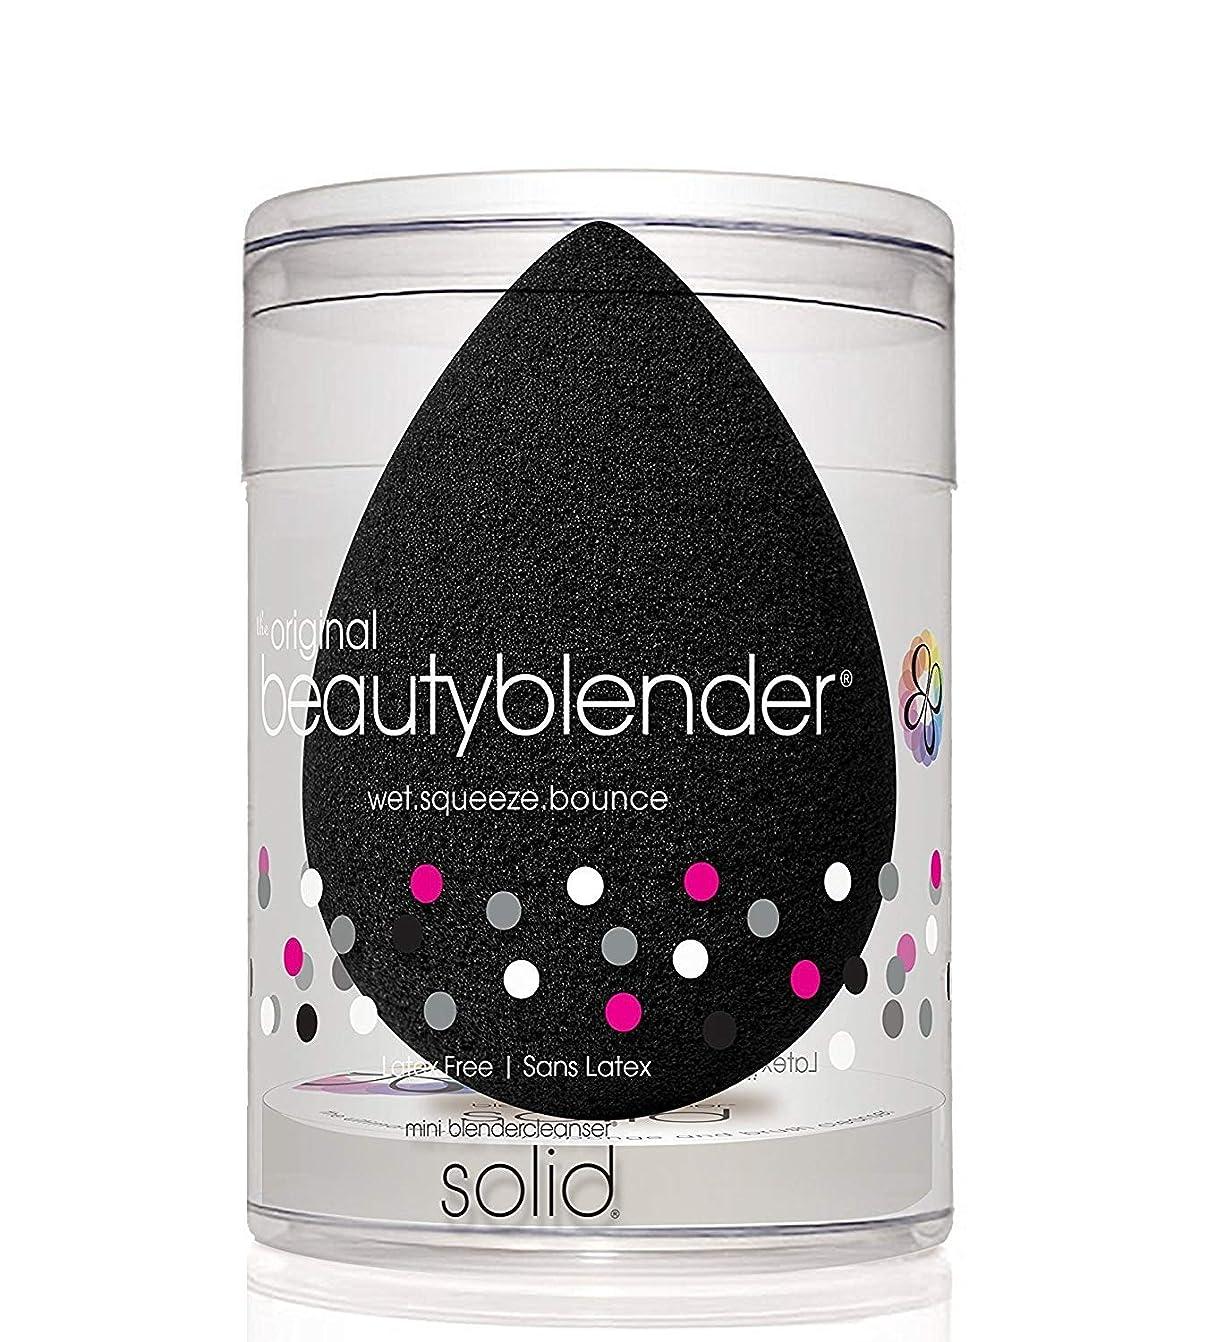 Beauty blender ブラック(ビューティーブレンダー)